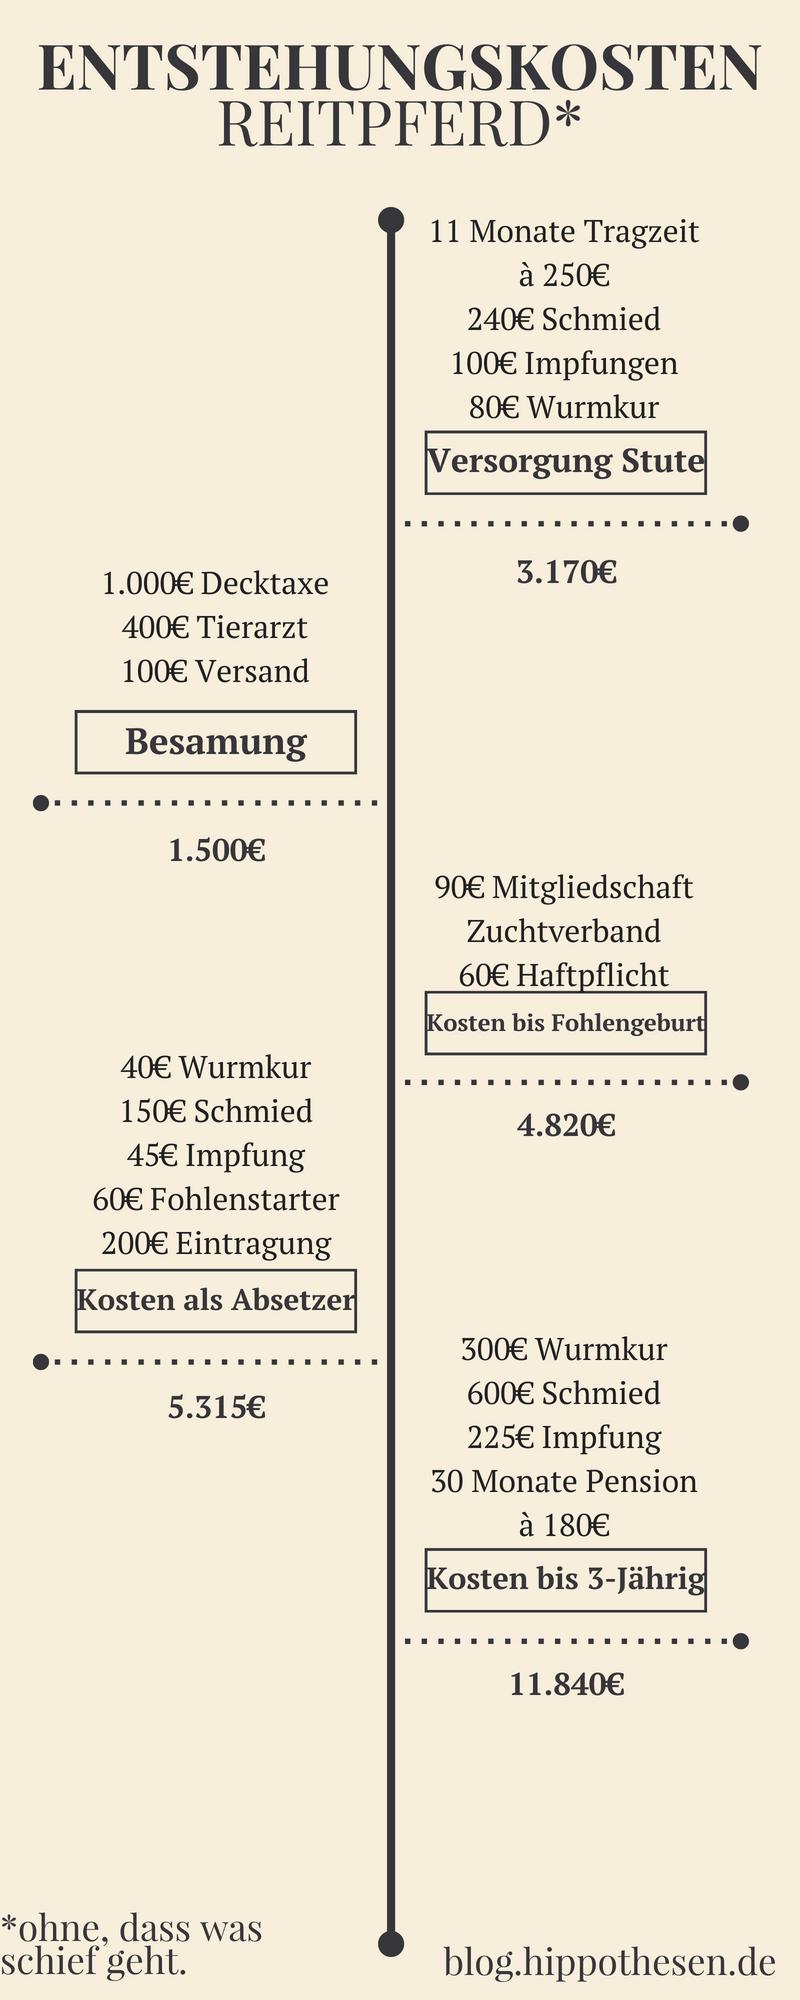 Entstehungskosten Reitpferd